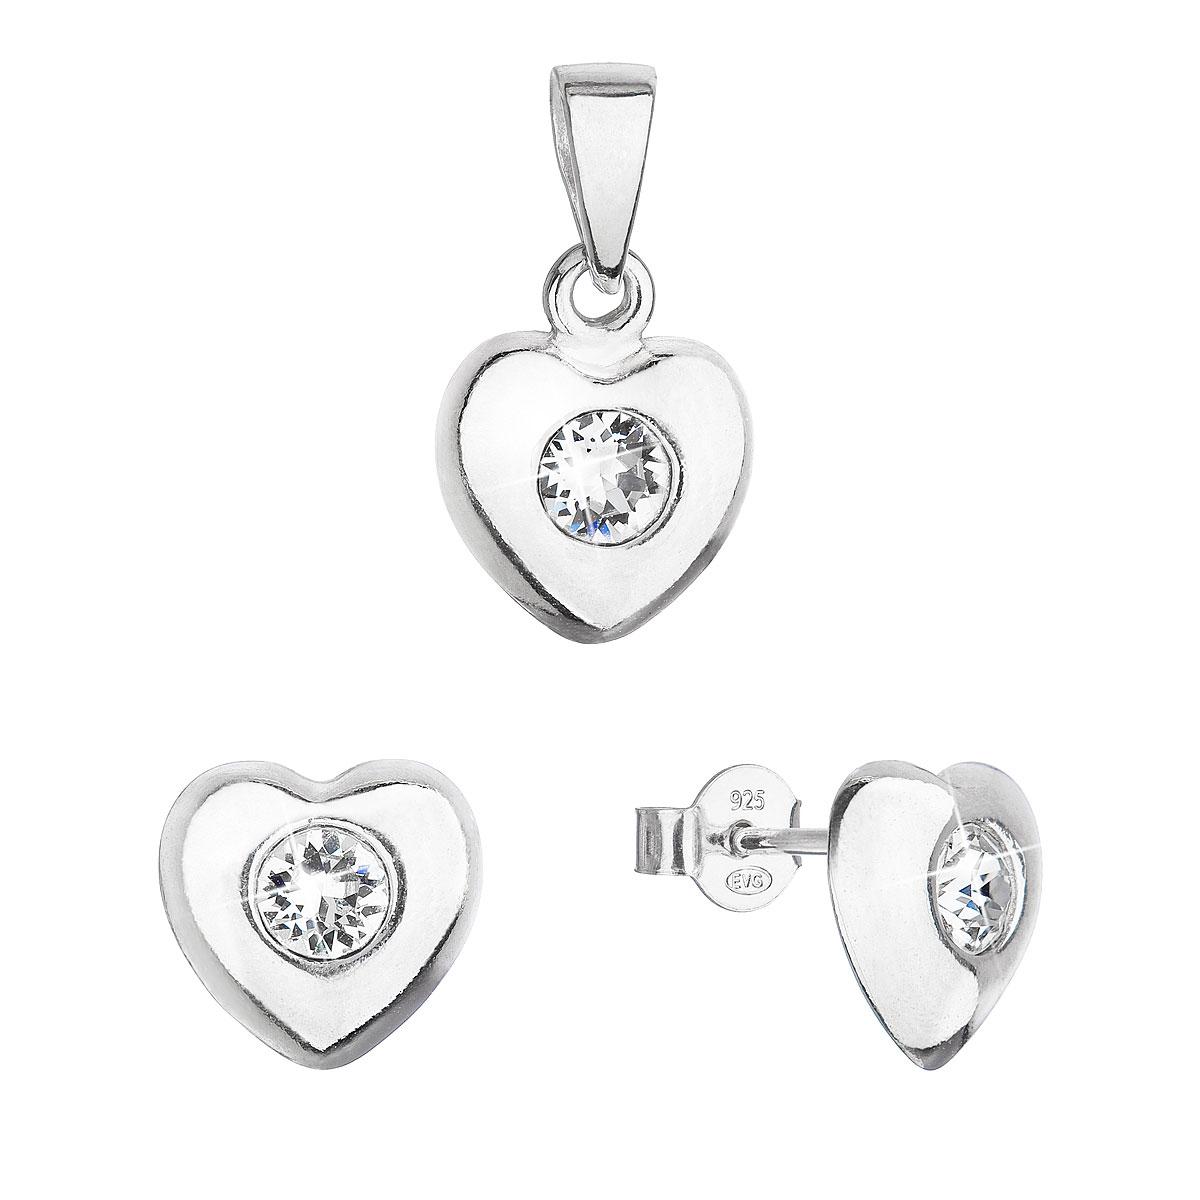 Sada šperkov s kryštálmi Swarovski náušnice a prívesok biele srdce 39176.1